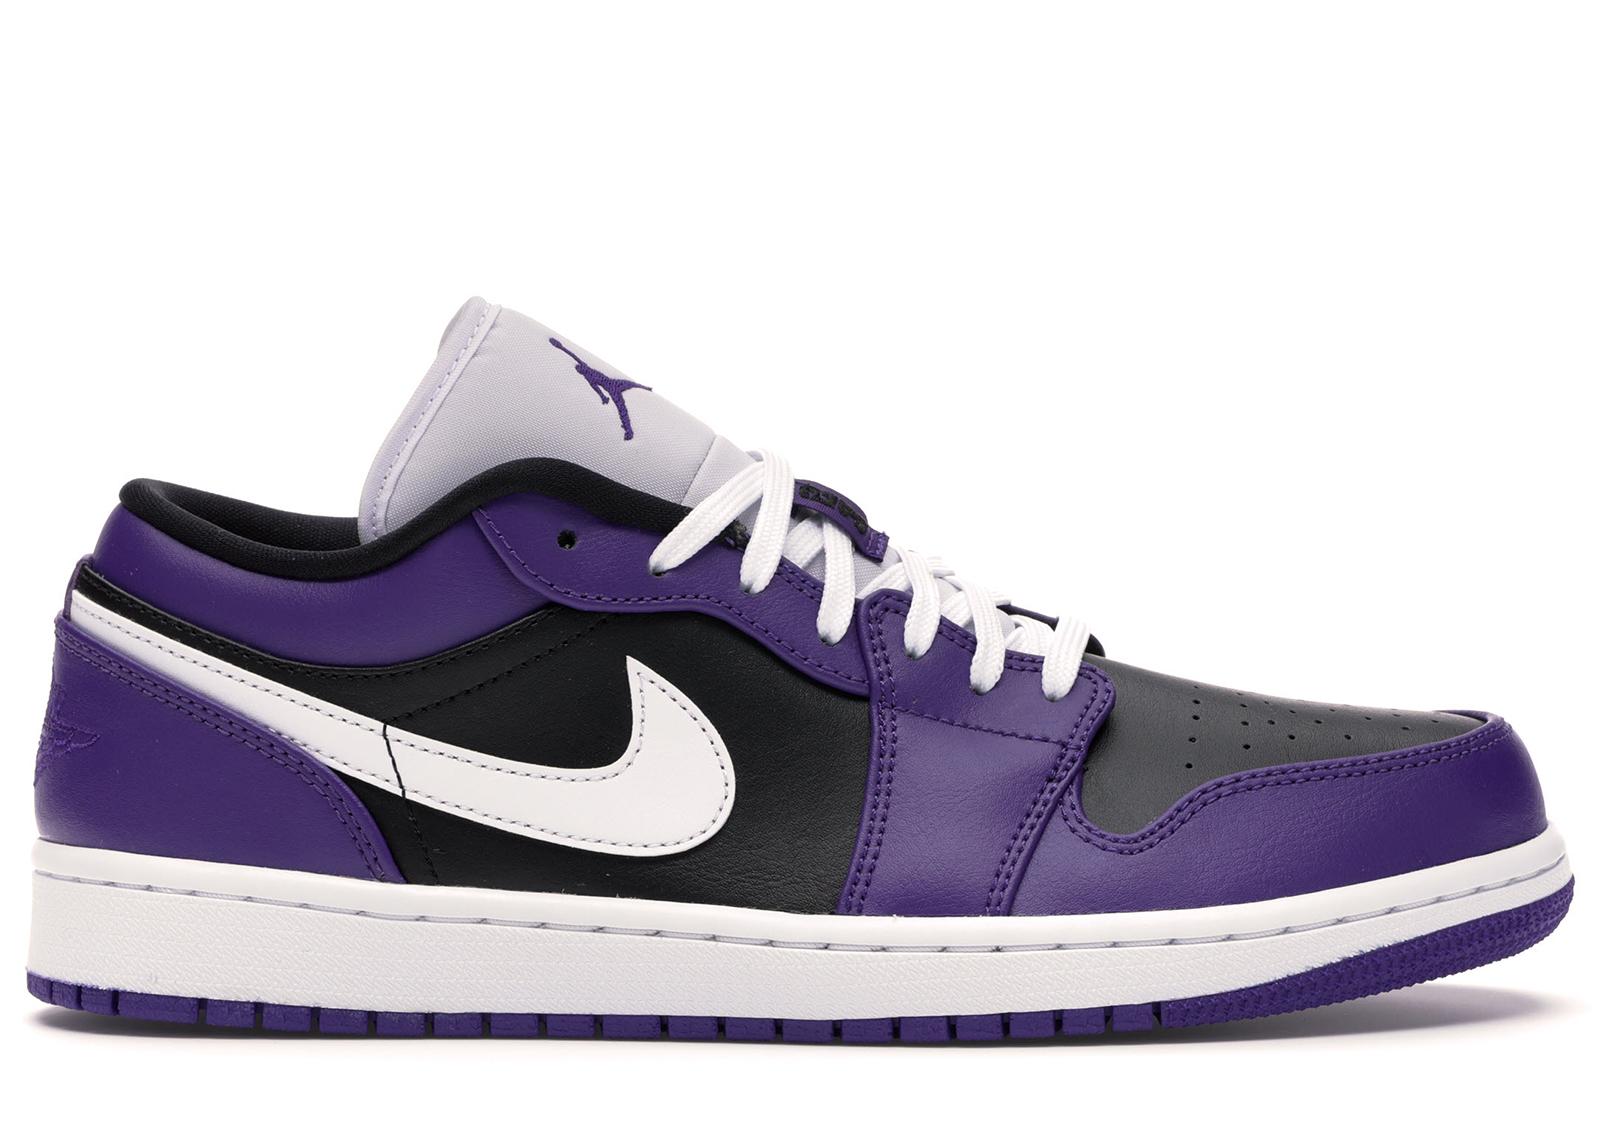 purple and black air jordan 1